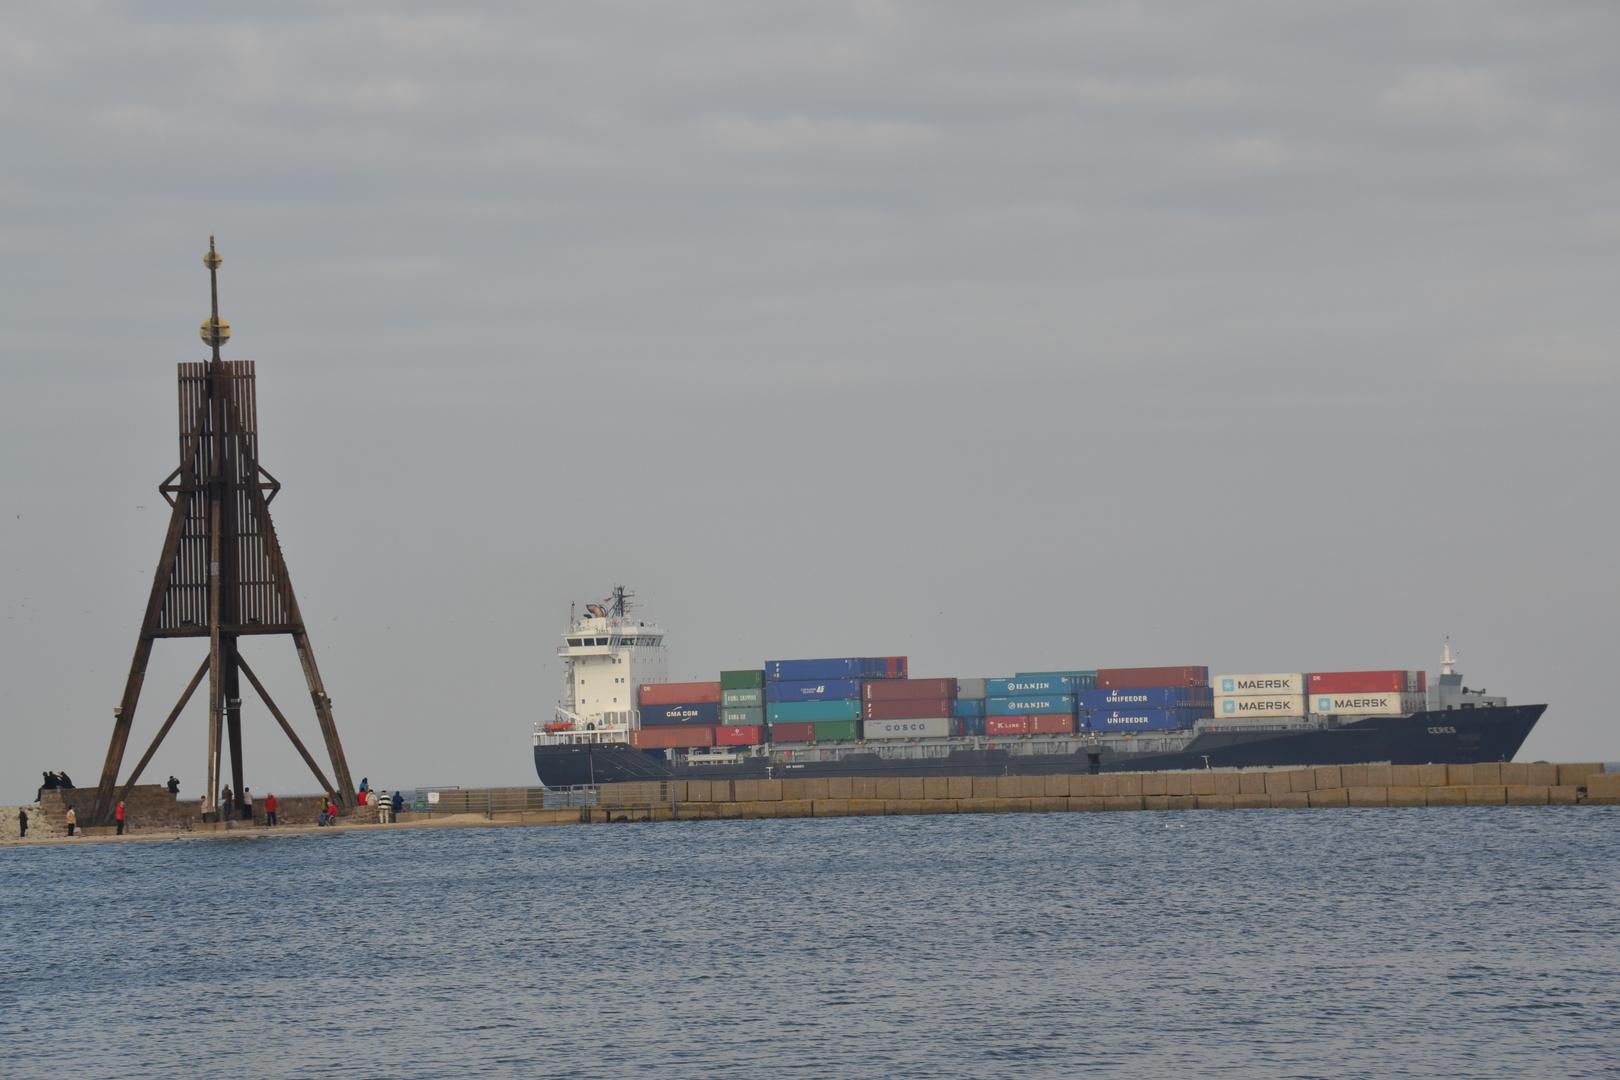 die Kugelbake in Cuxhaven mit einem Containerschiff im Hintergrund